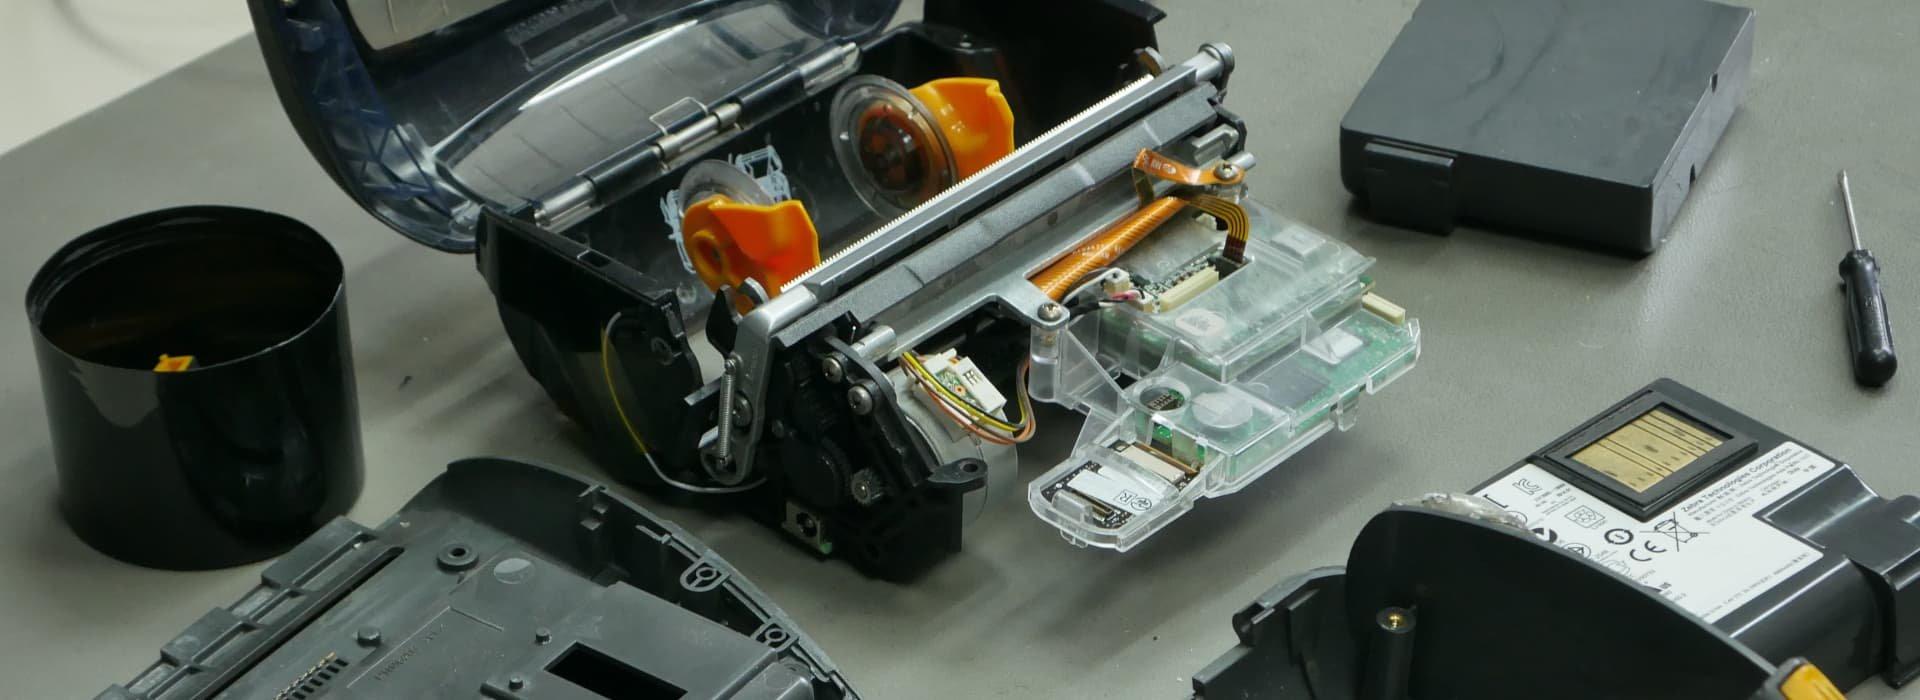 COSYS Etikettendrucker Reparatur